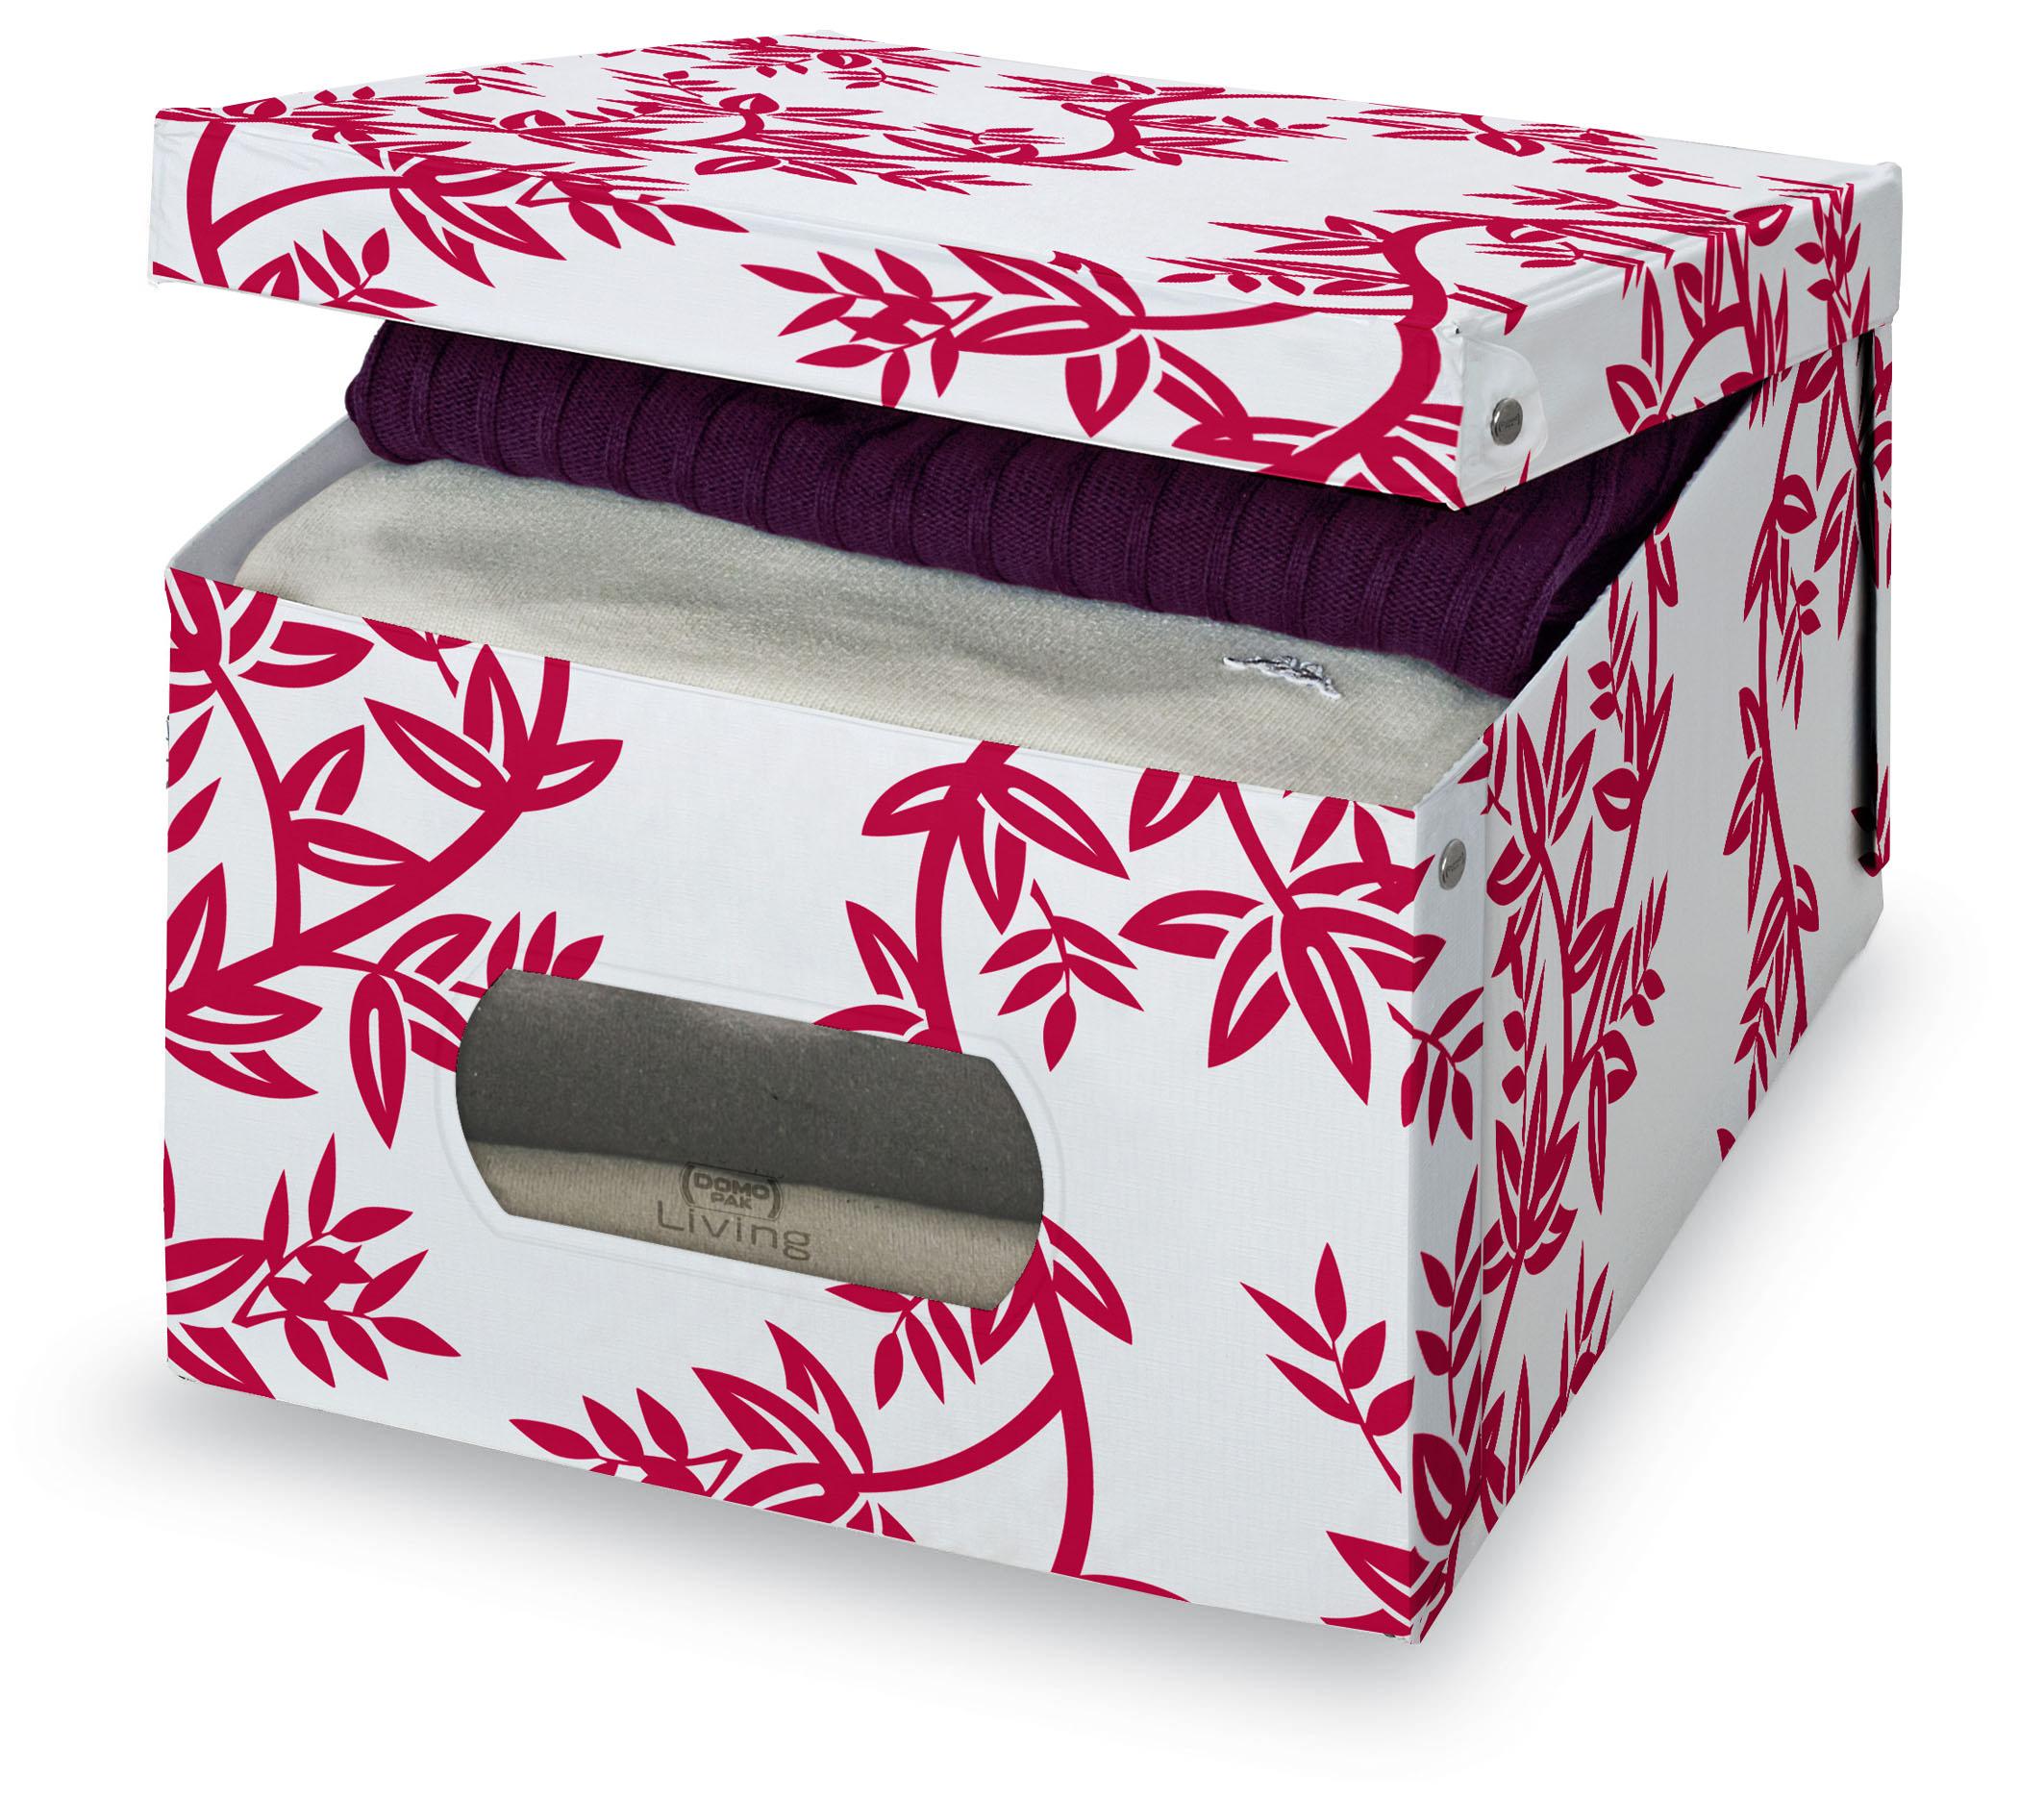 DOMOPAK Living Úložný box s oknem s větvičkami Velikost: větší